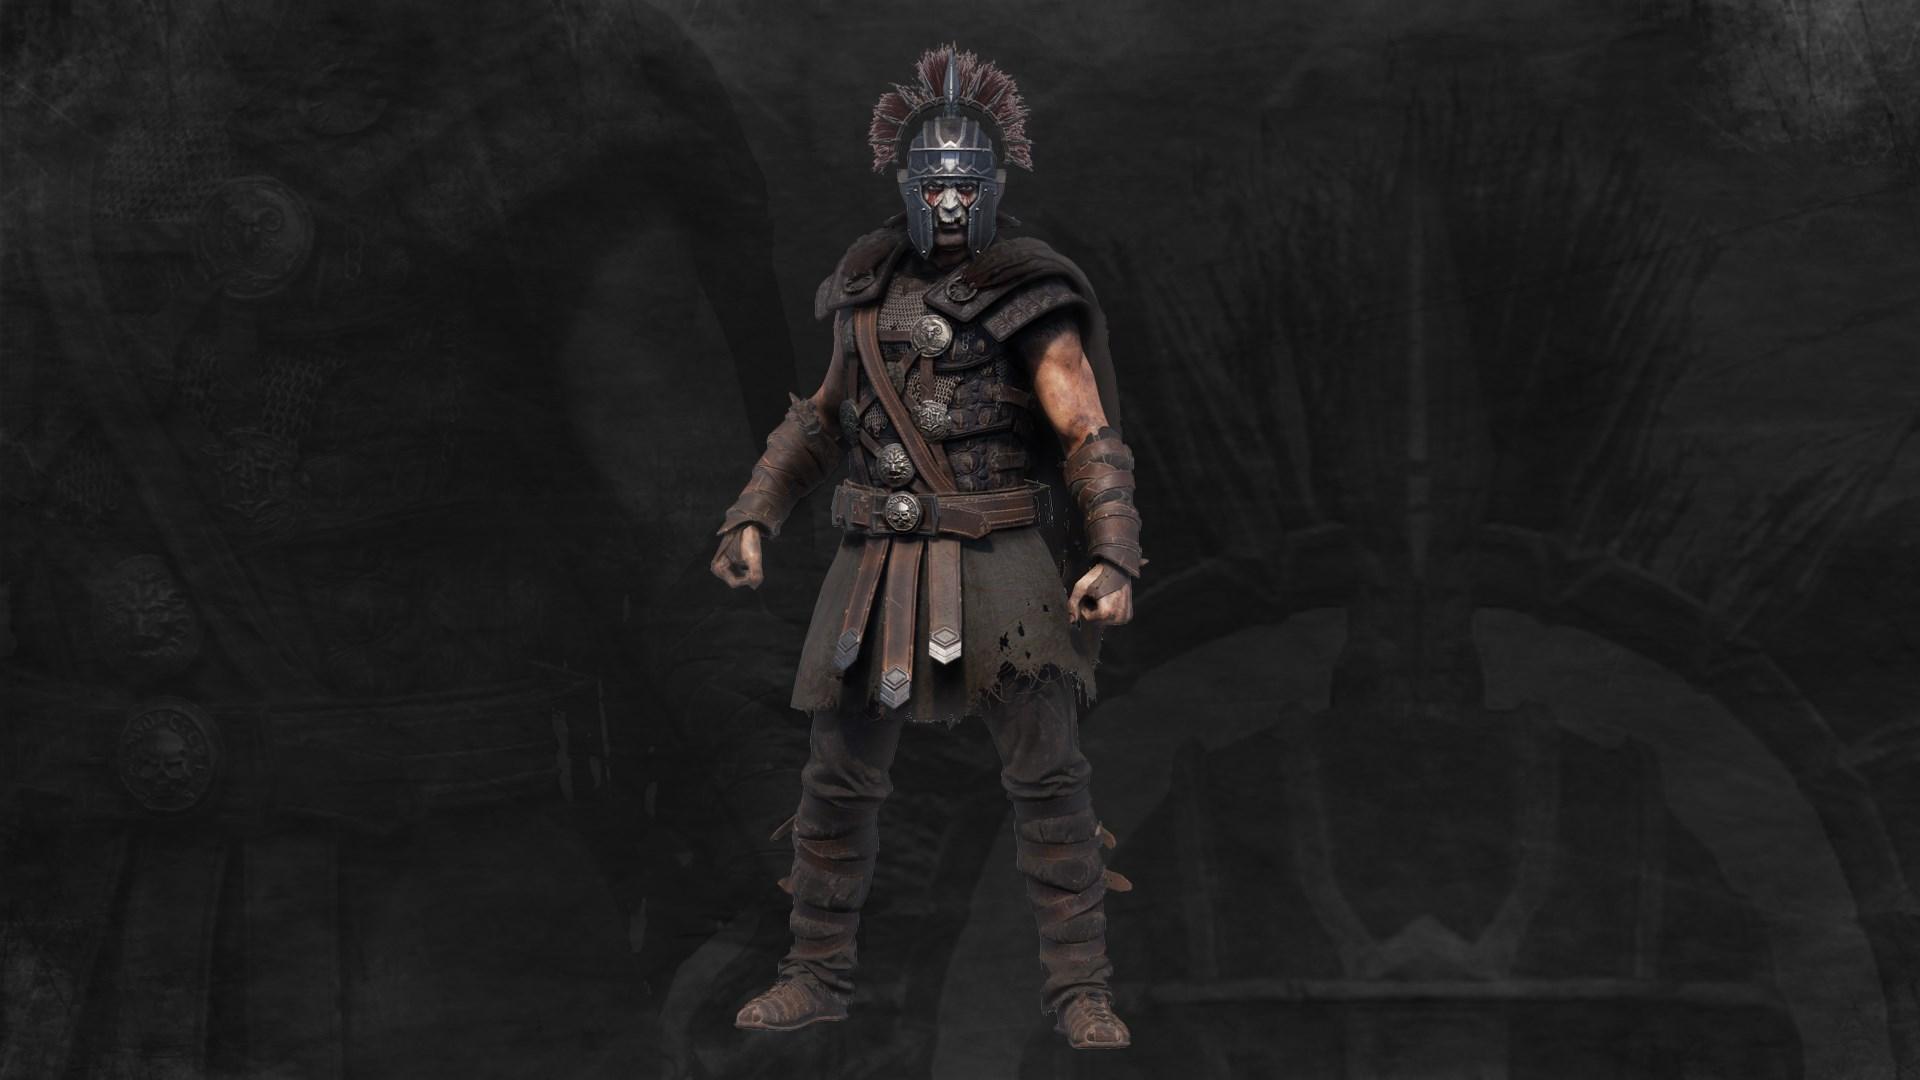 Damocles Gladiator Skin